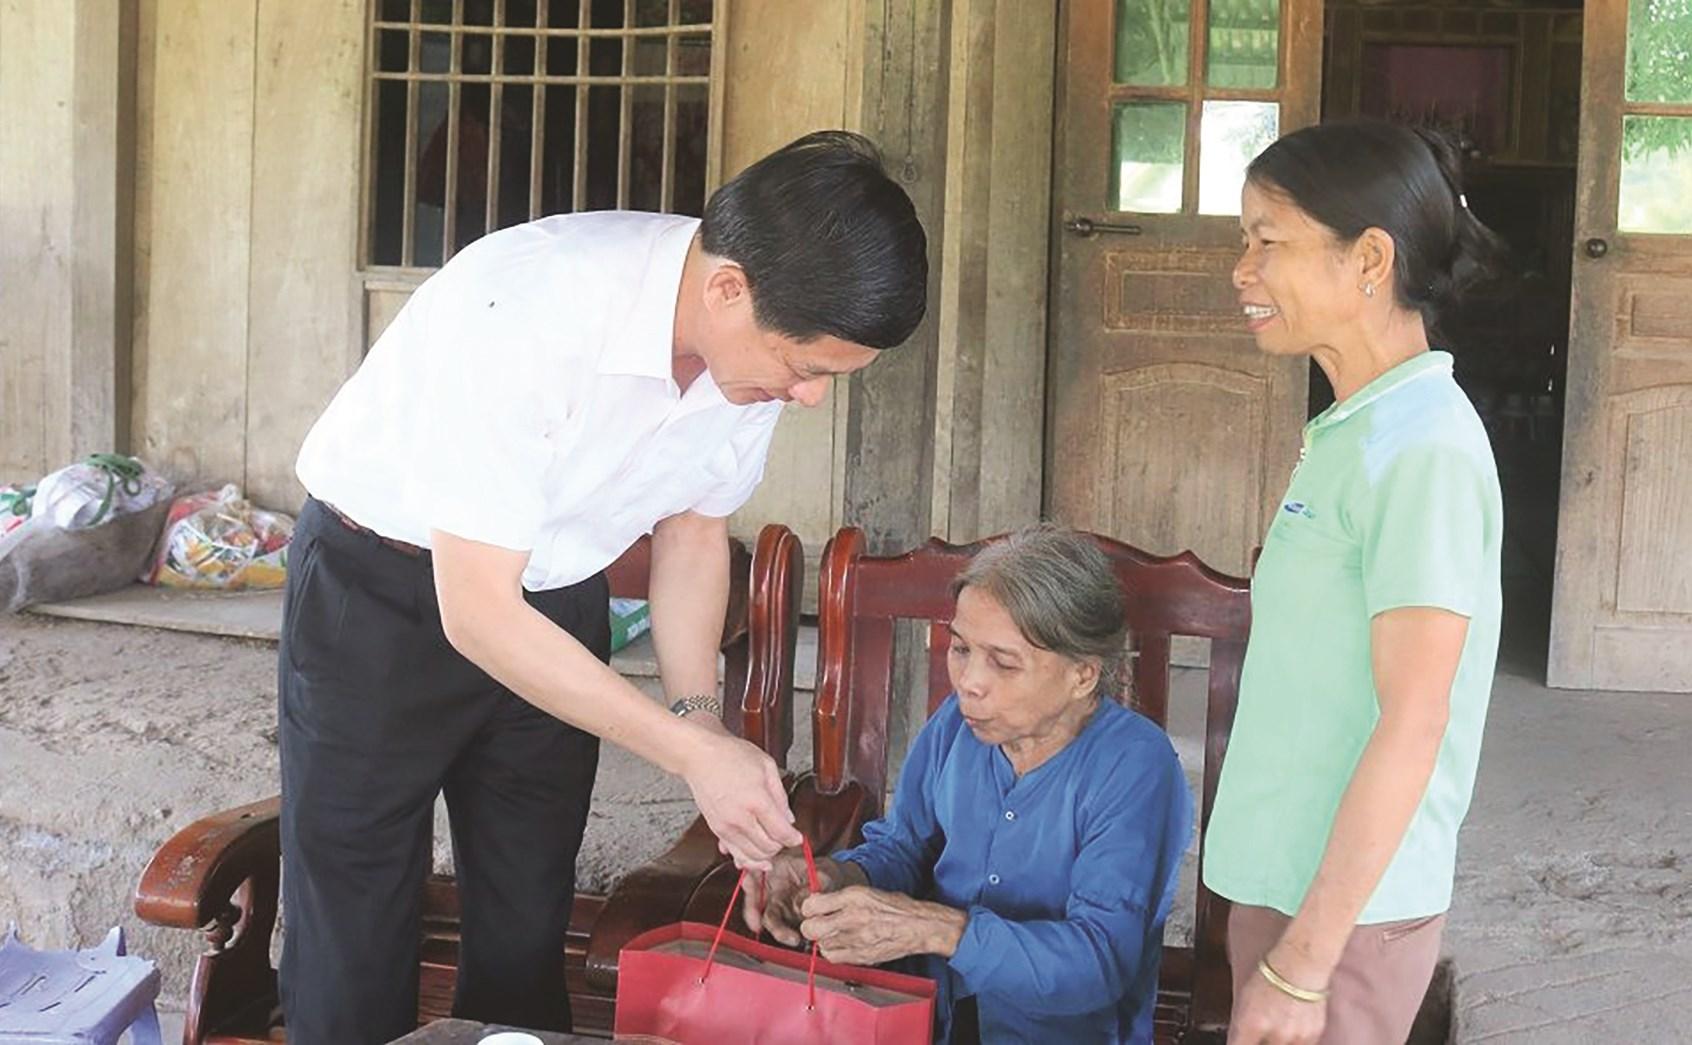 Đại diện lãnh đạo Sở LĐTB&XH tỉnh Bắc Kạn thăm hỏi người già cô đơn, không nơi nương tựa thôn Bản Chang, xã Tân Lập, huyện Chợ Đồn.